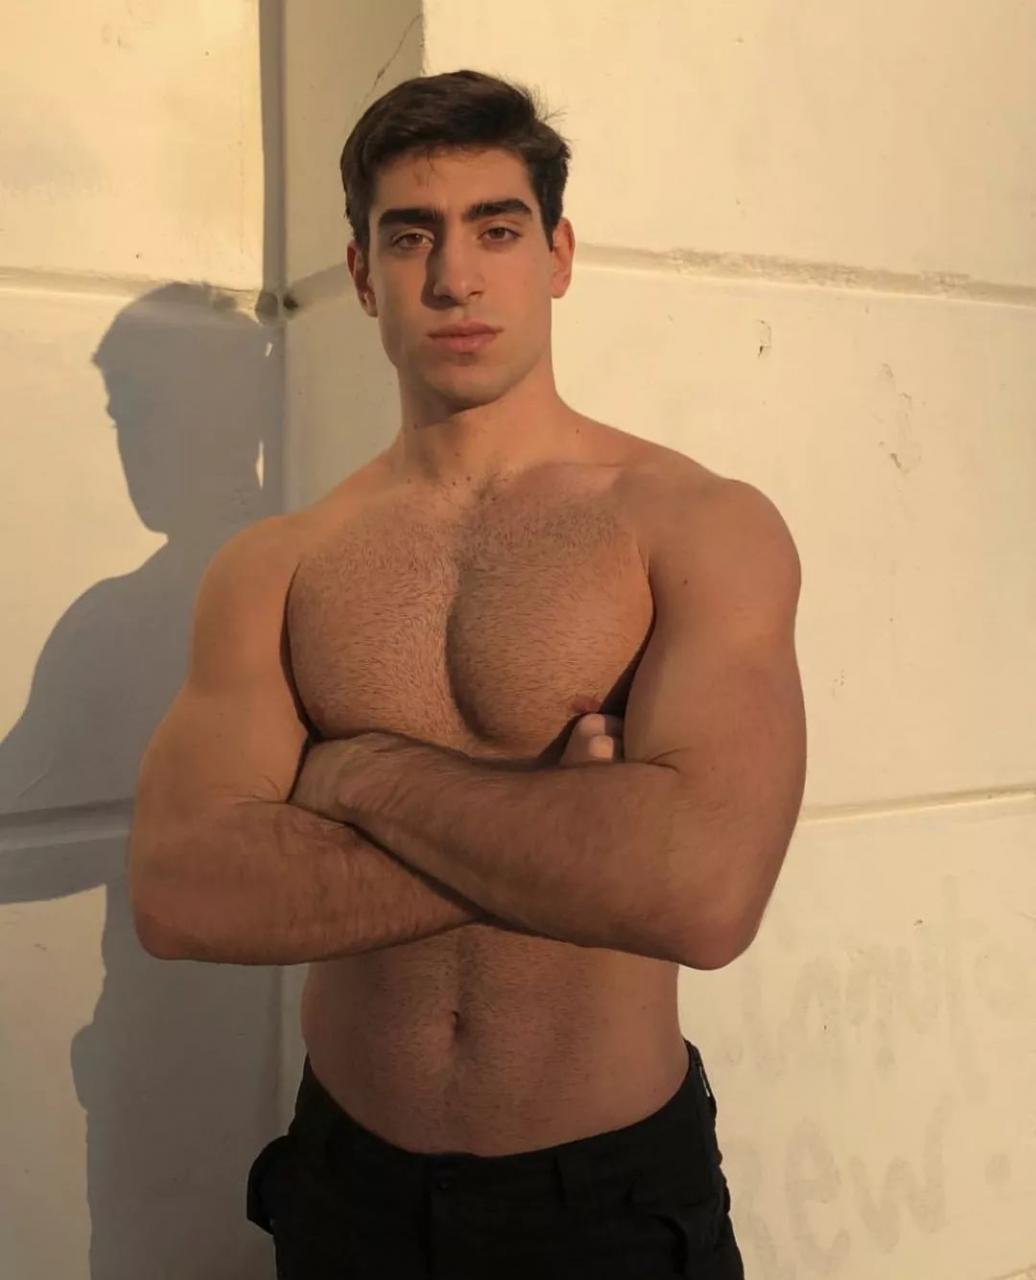 bf5b6b6692844611947ebd9f2d5bafb0 - 专注美黑的方脸男孩 Fabián Giraco,男友力直达Max